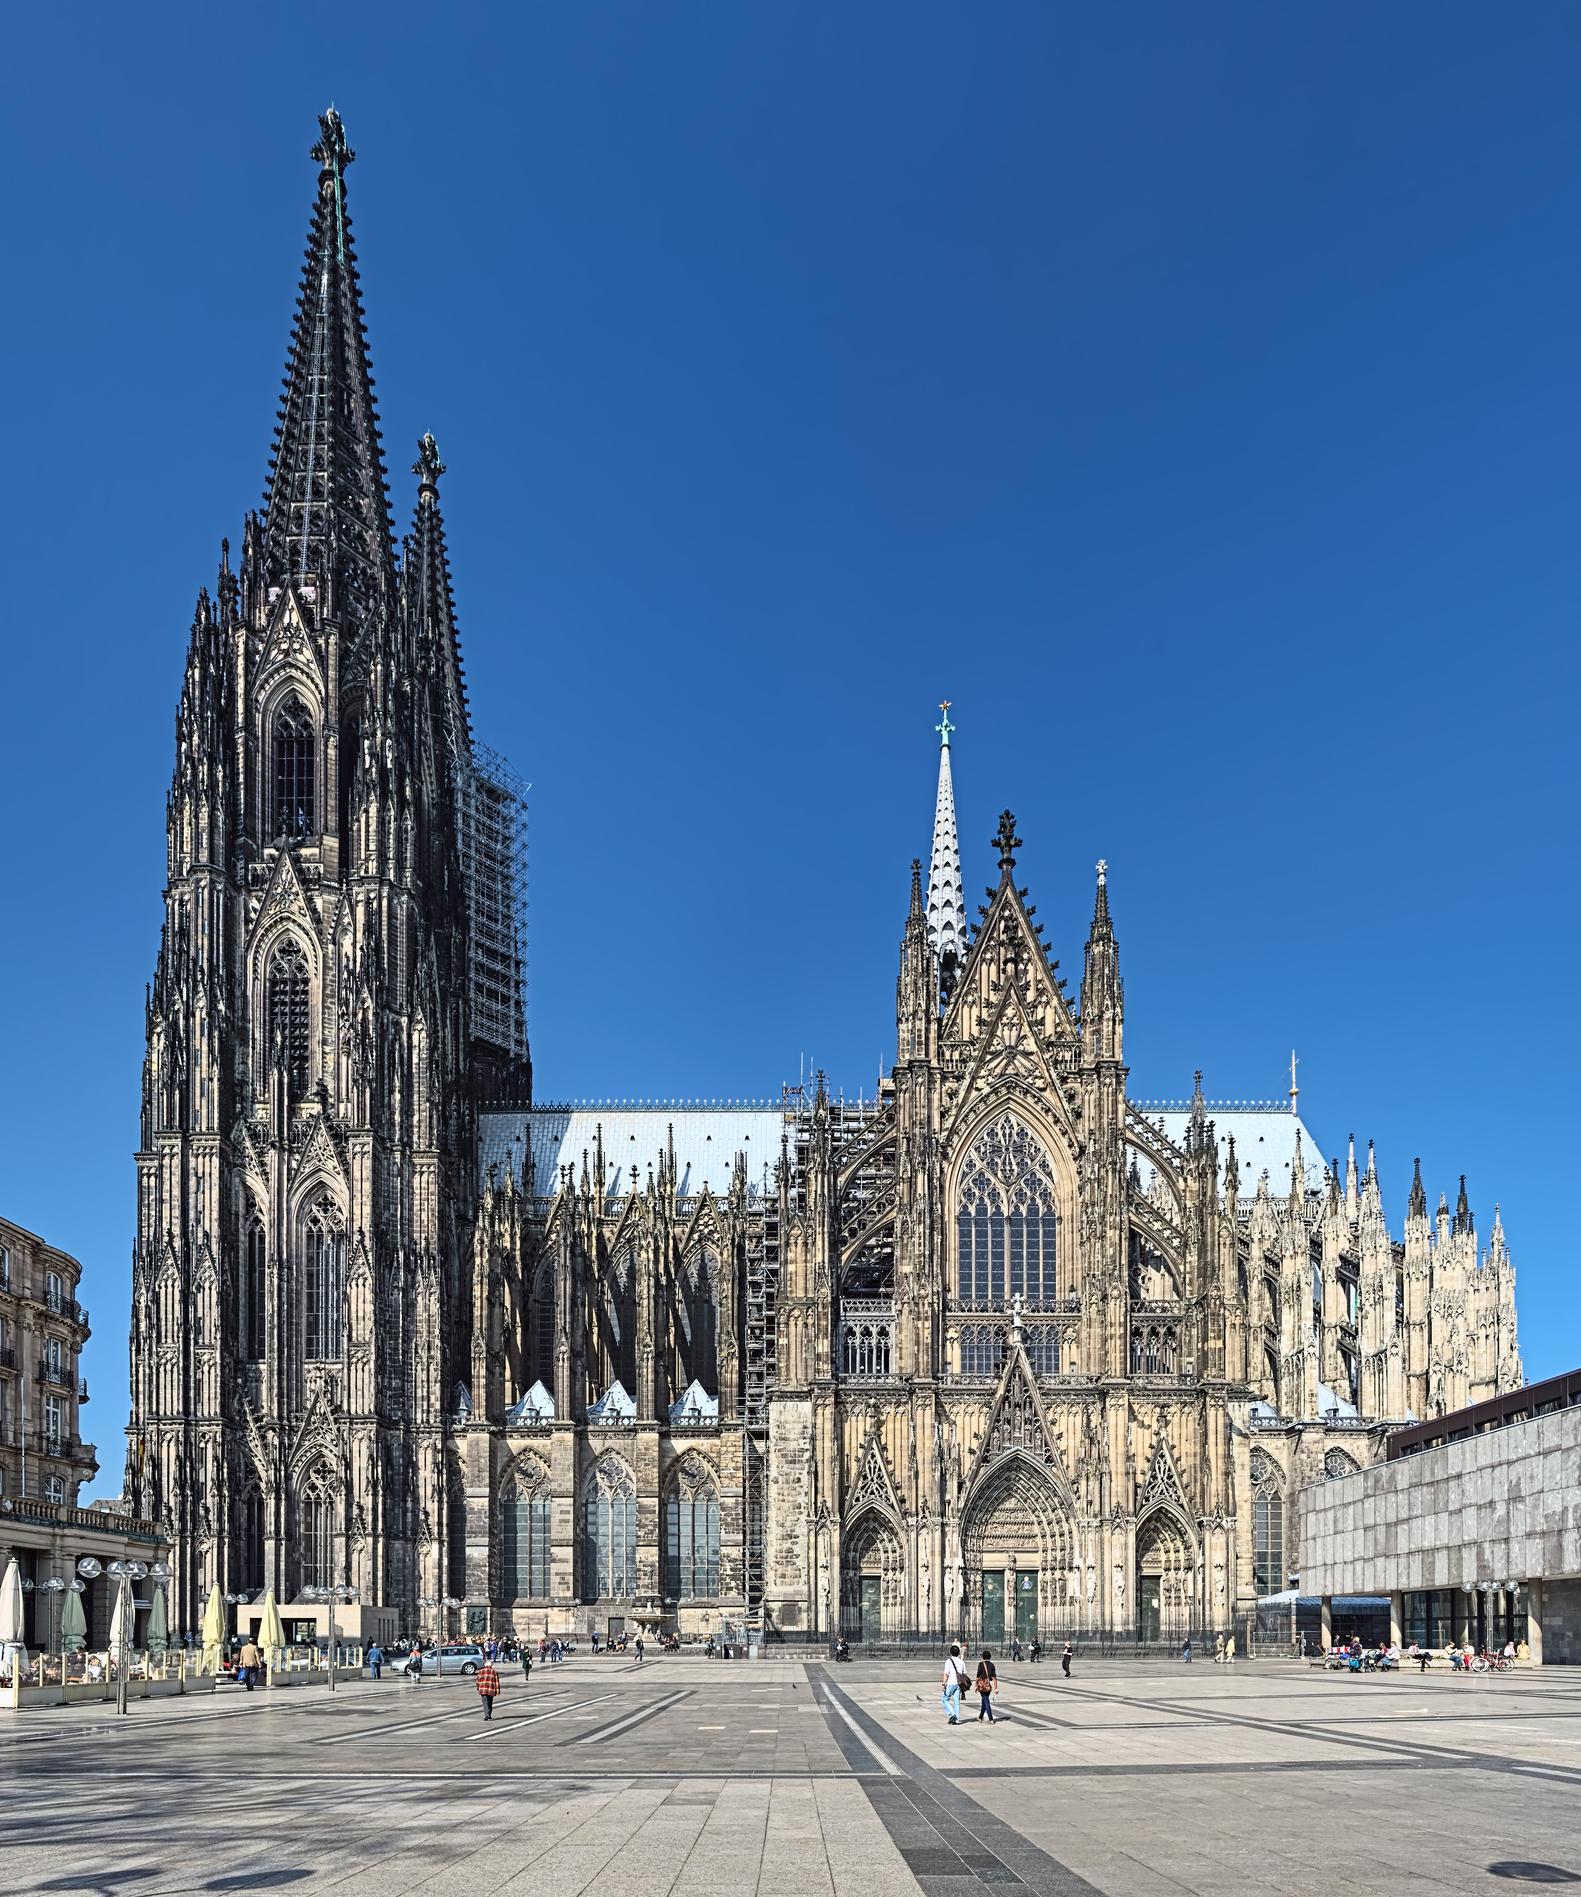 Melyik városban áll ez a katedrális?